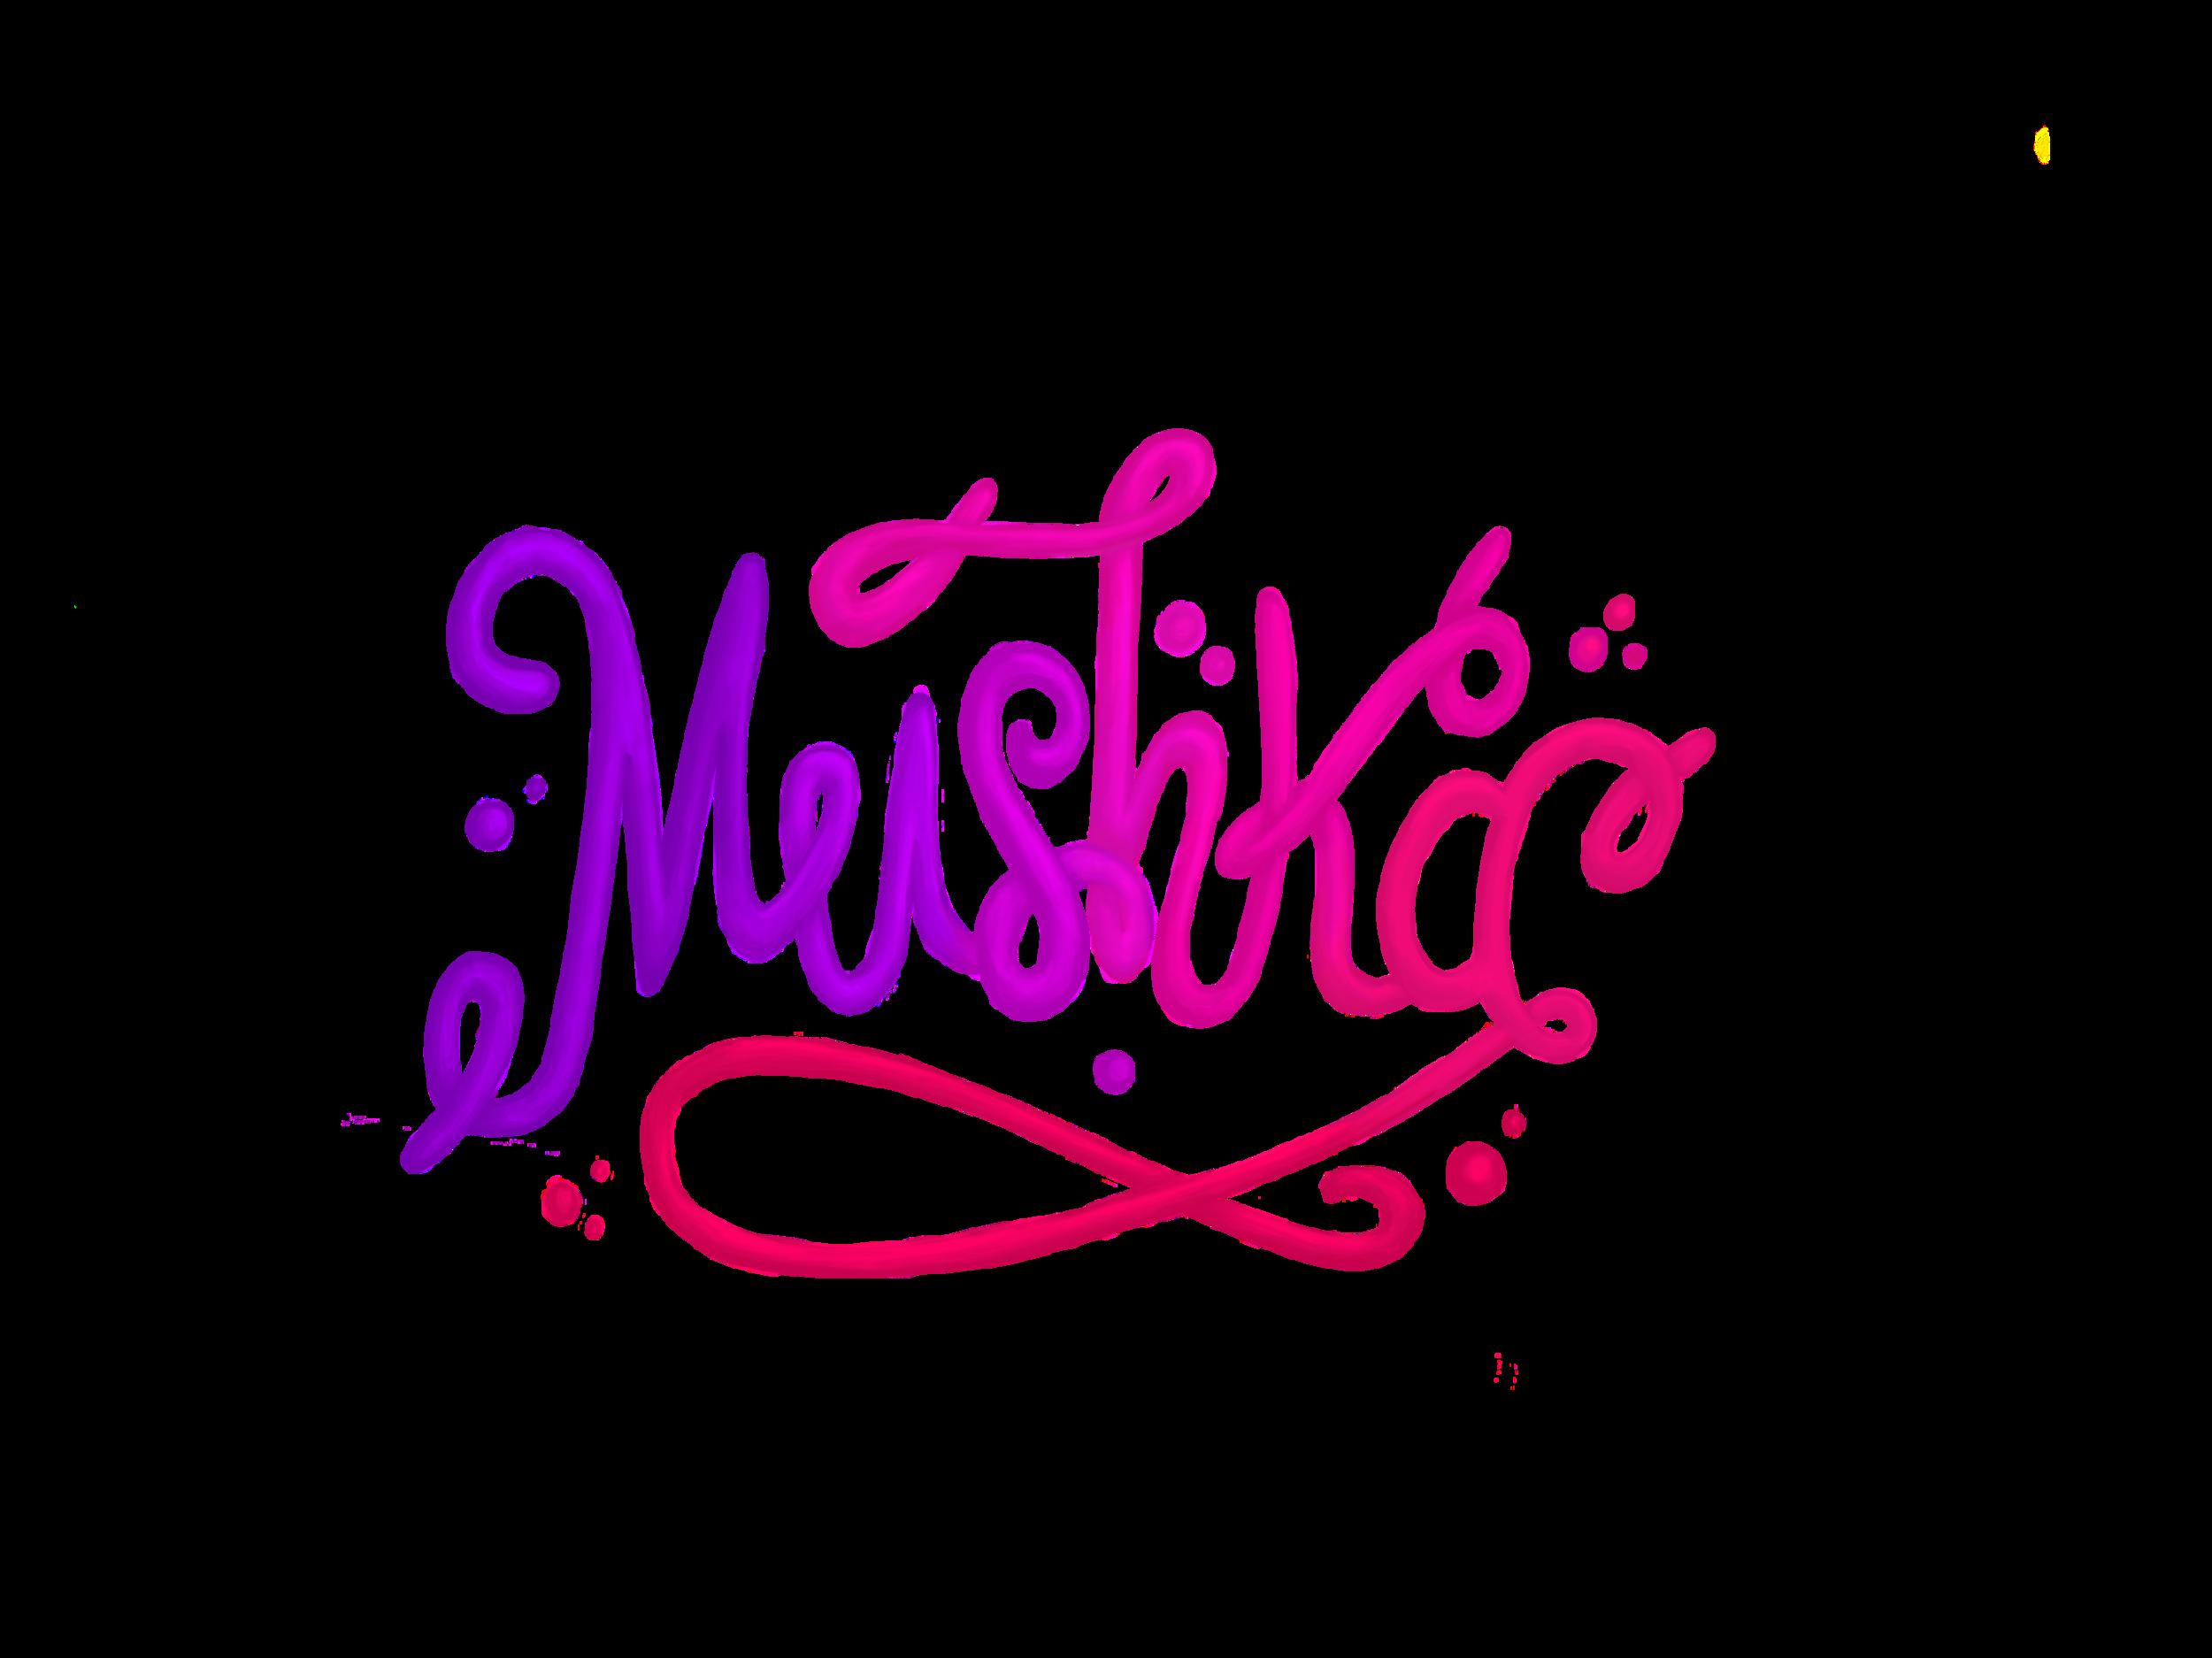 Mushka - Type